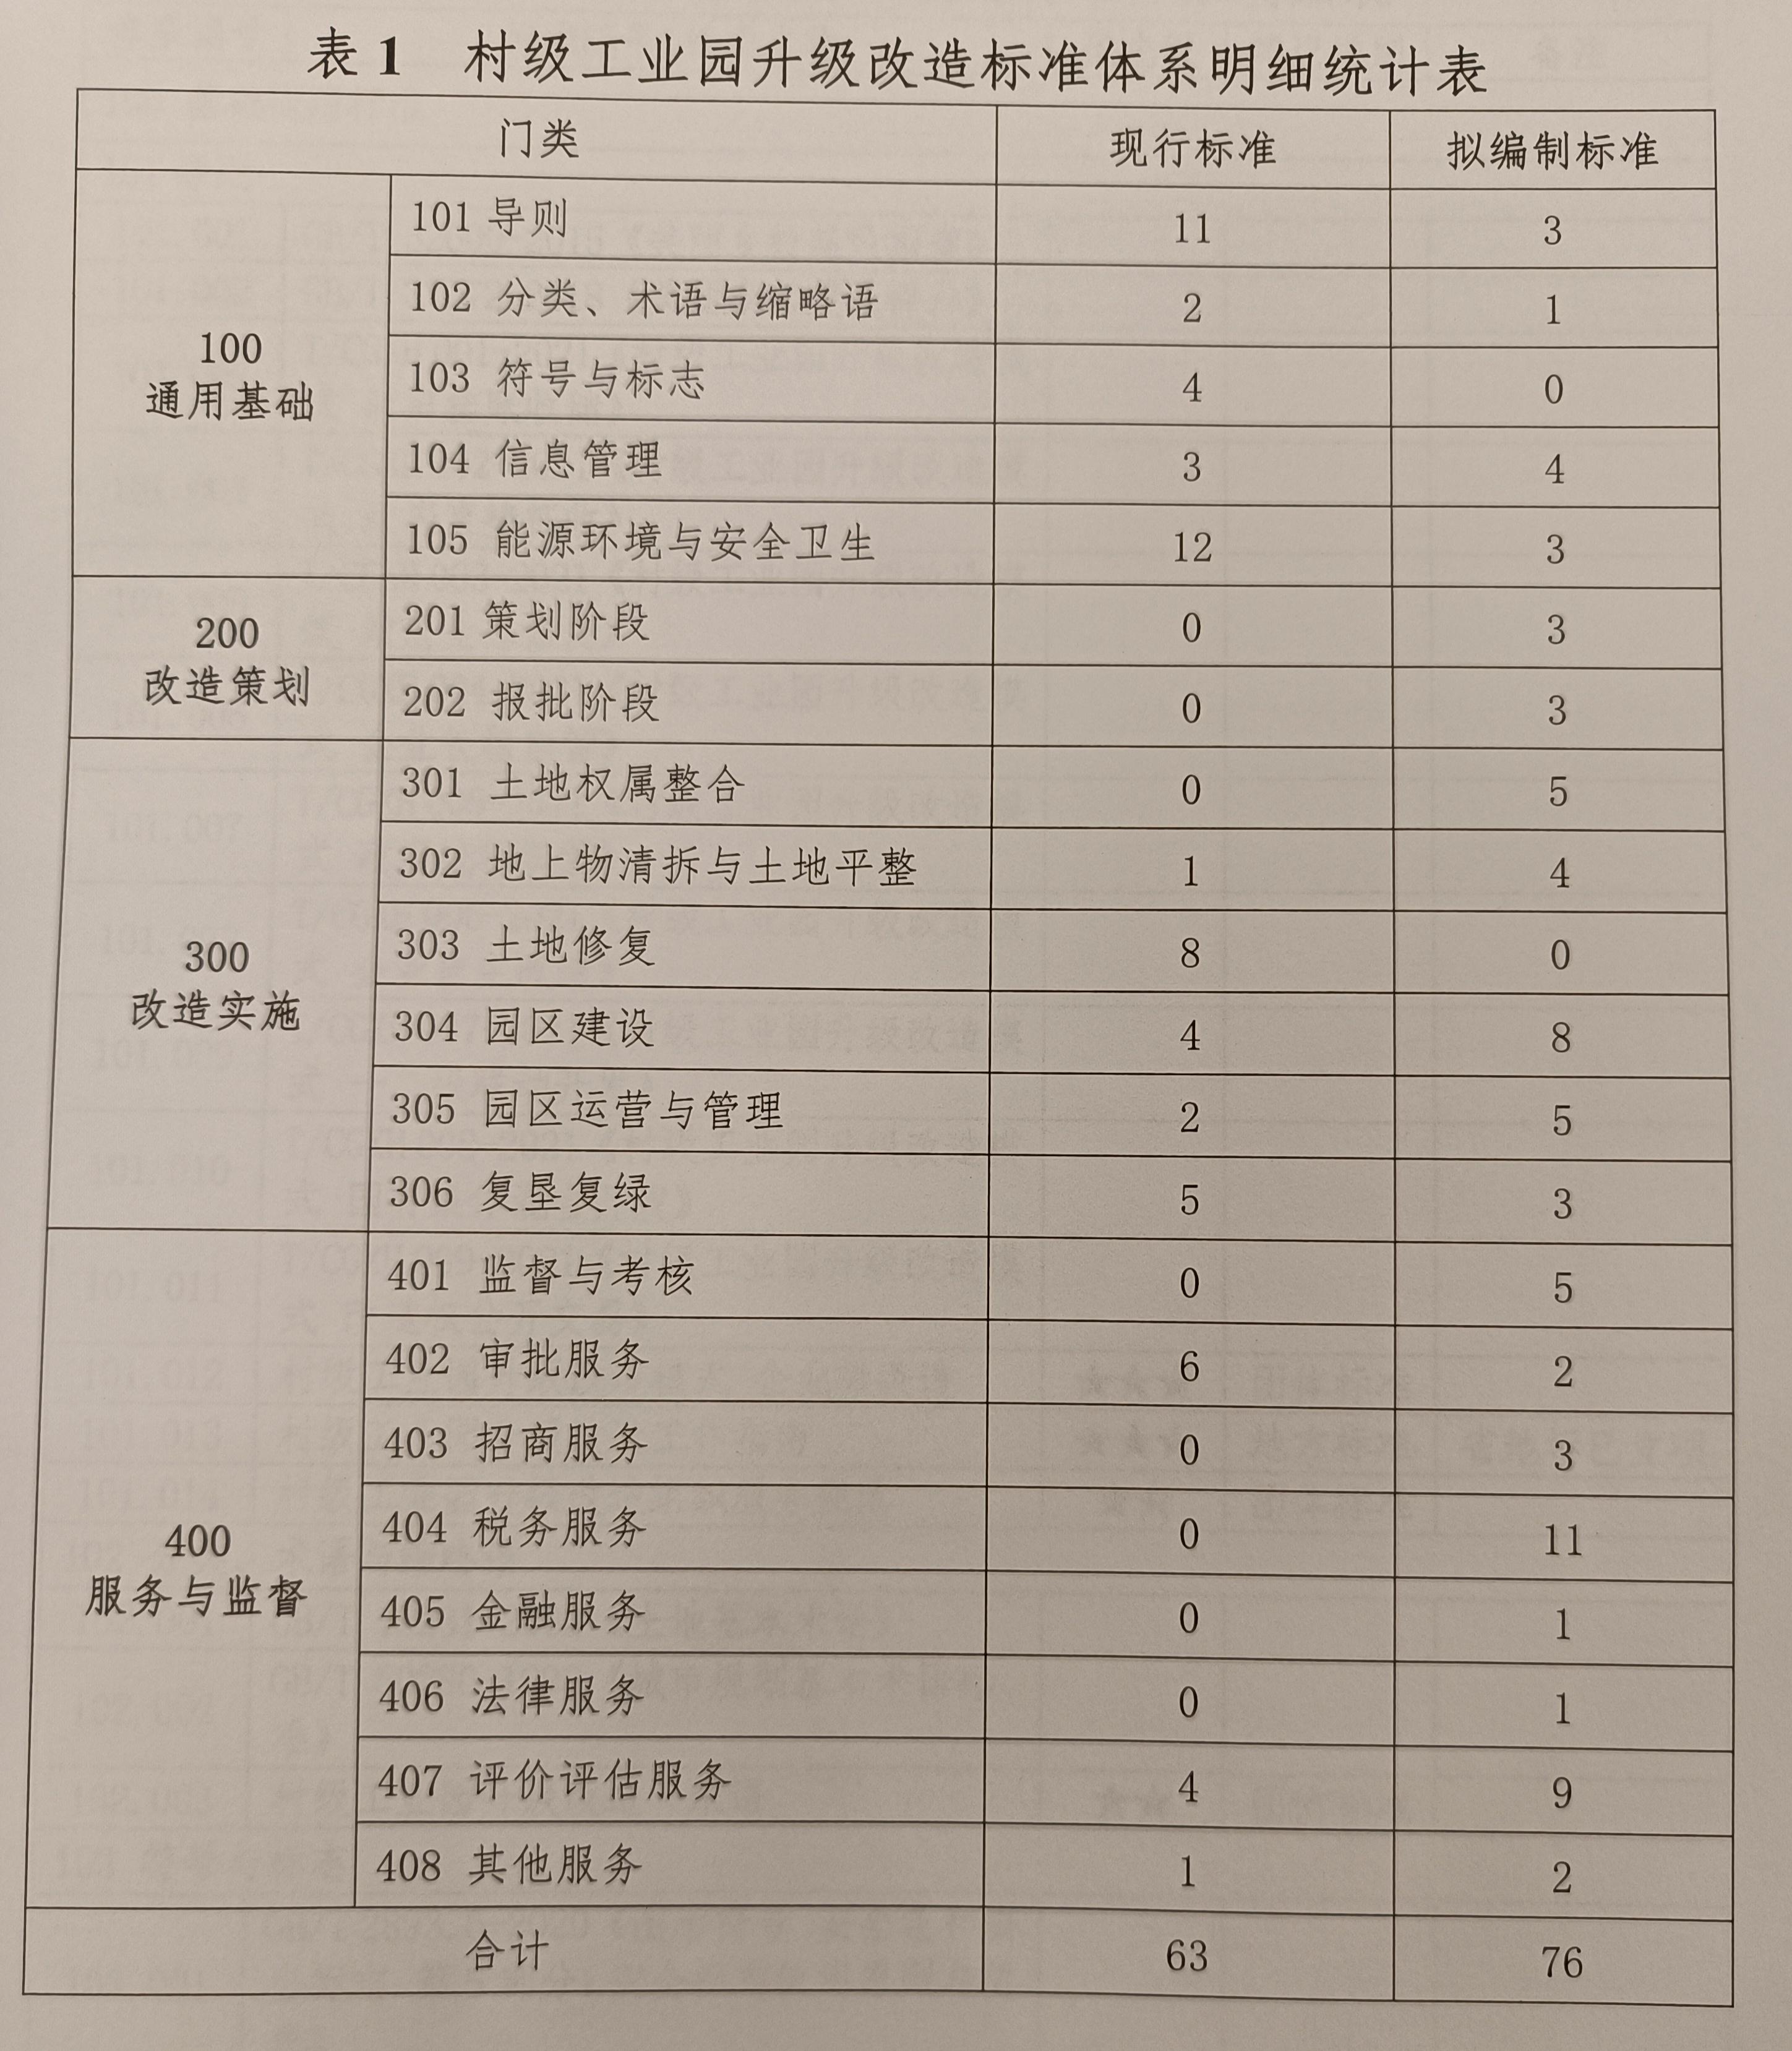 村级工业园改造标准体系明细表。来源:佛山市监局